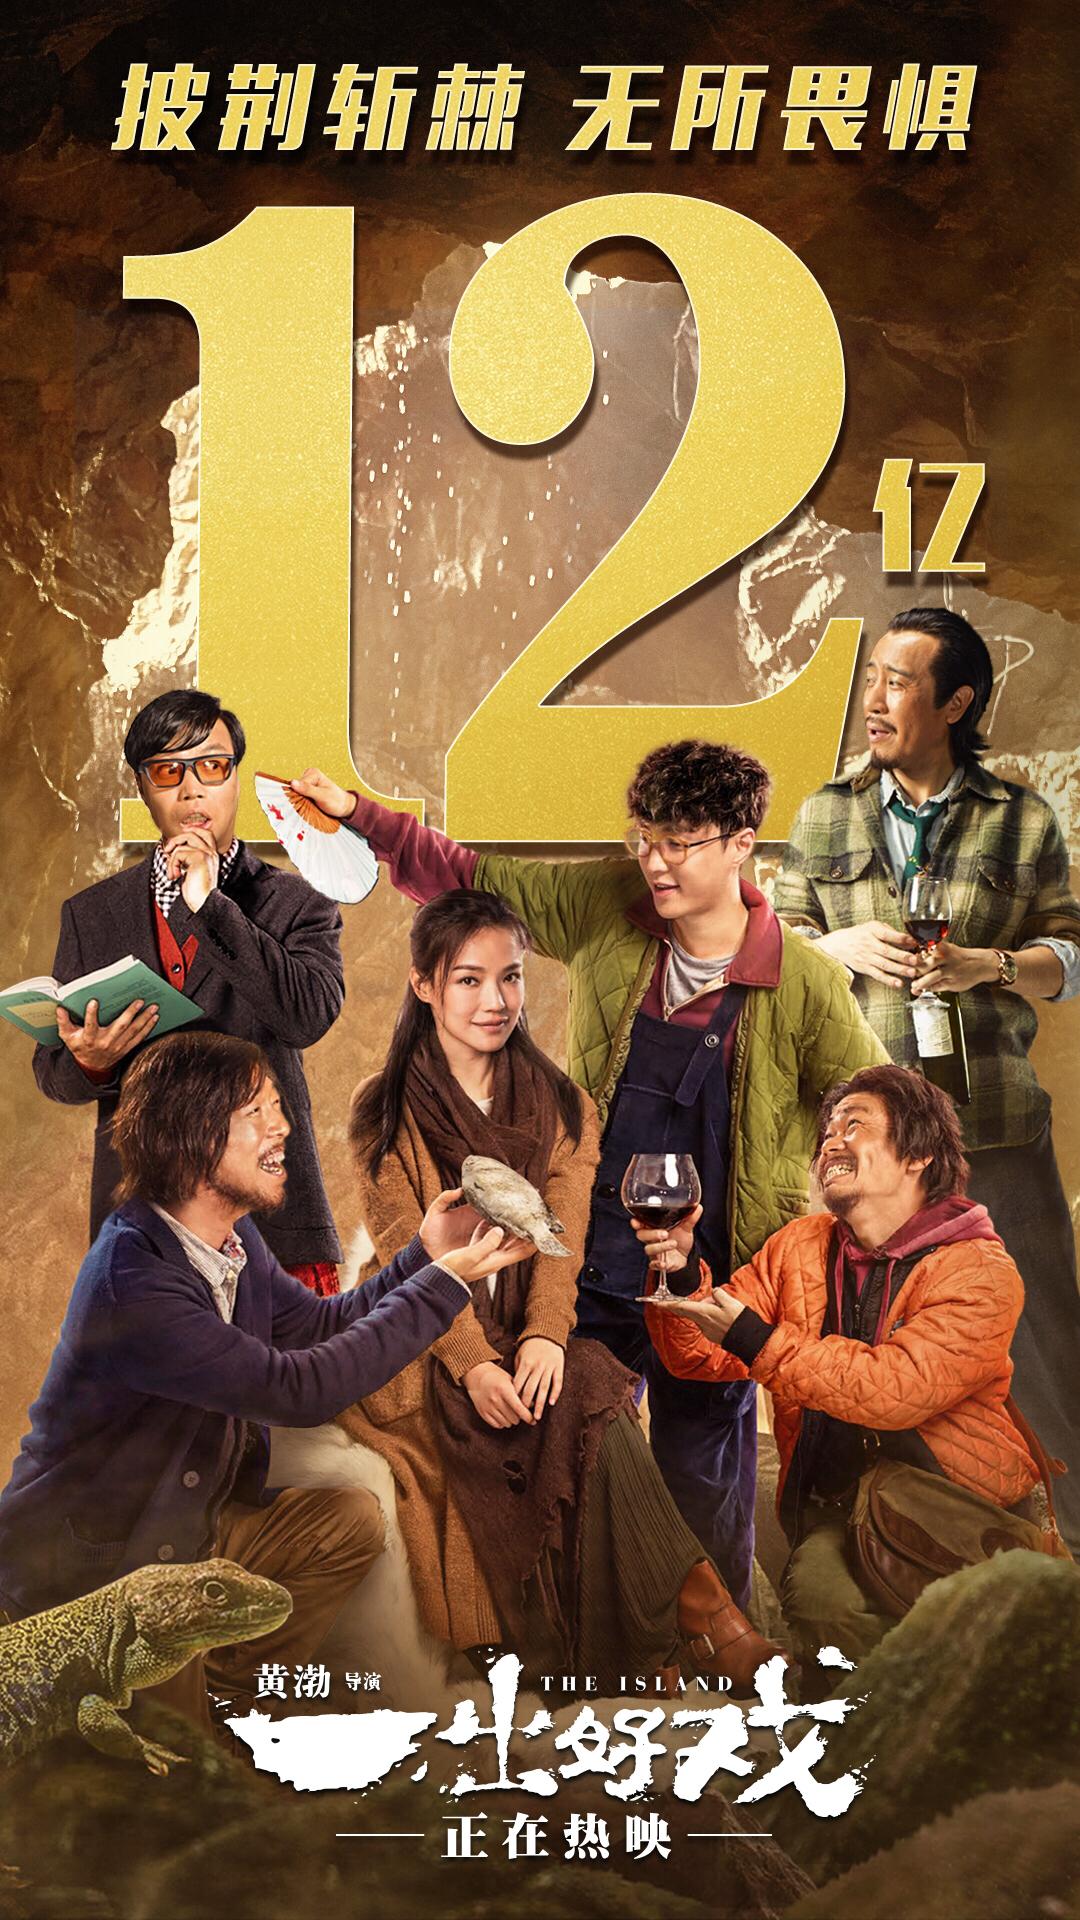 电影《一出好戏》票房破12亿 幕后制作特辑揭示黄渤